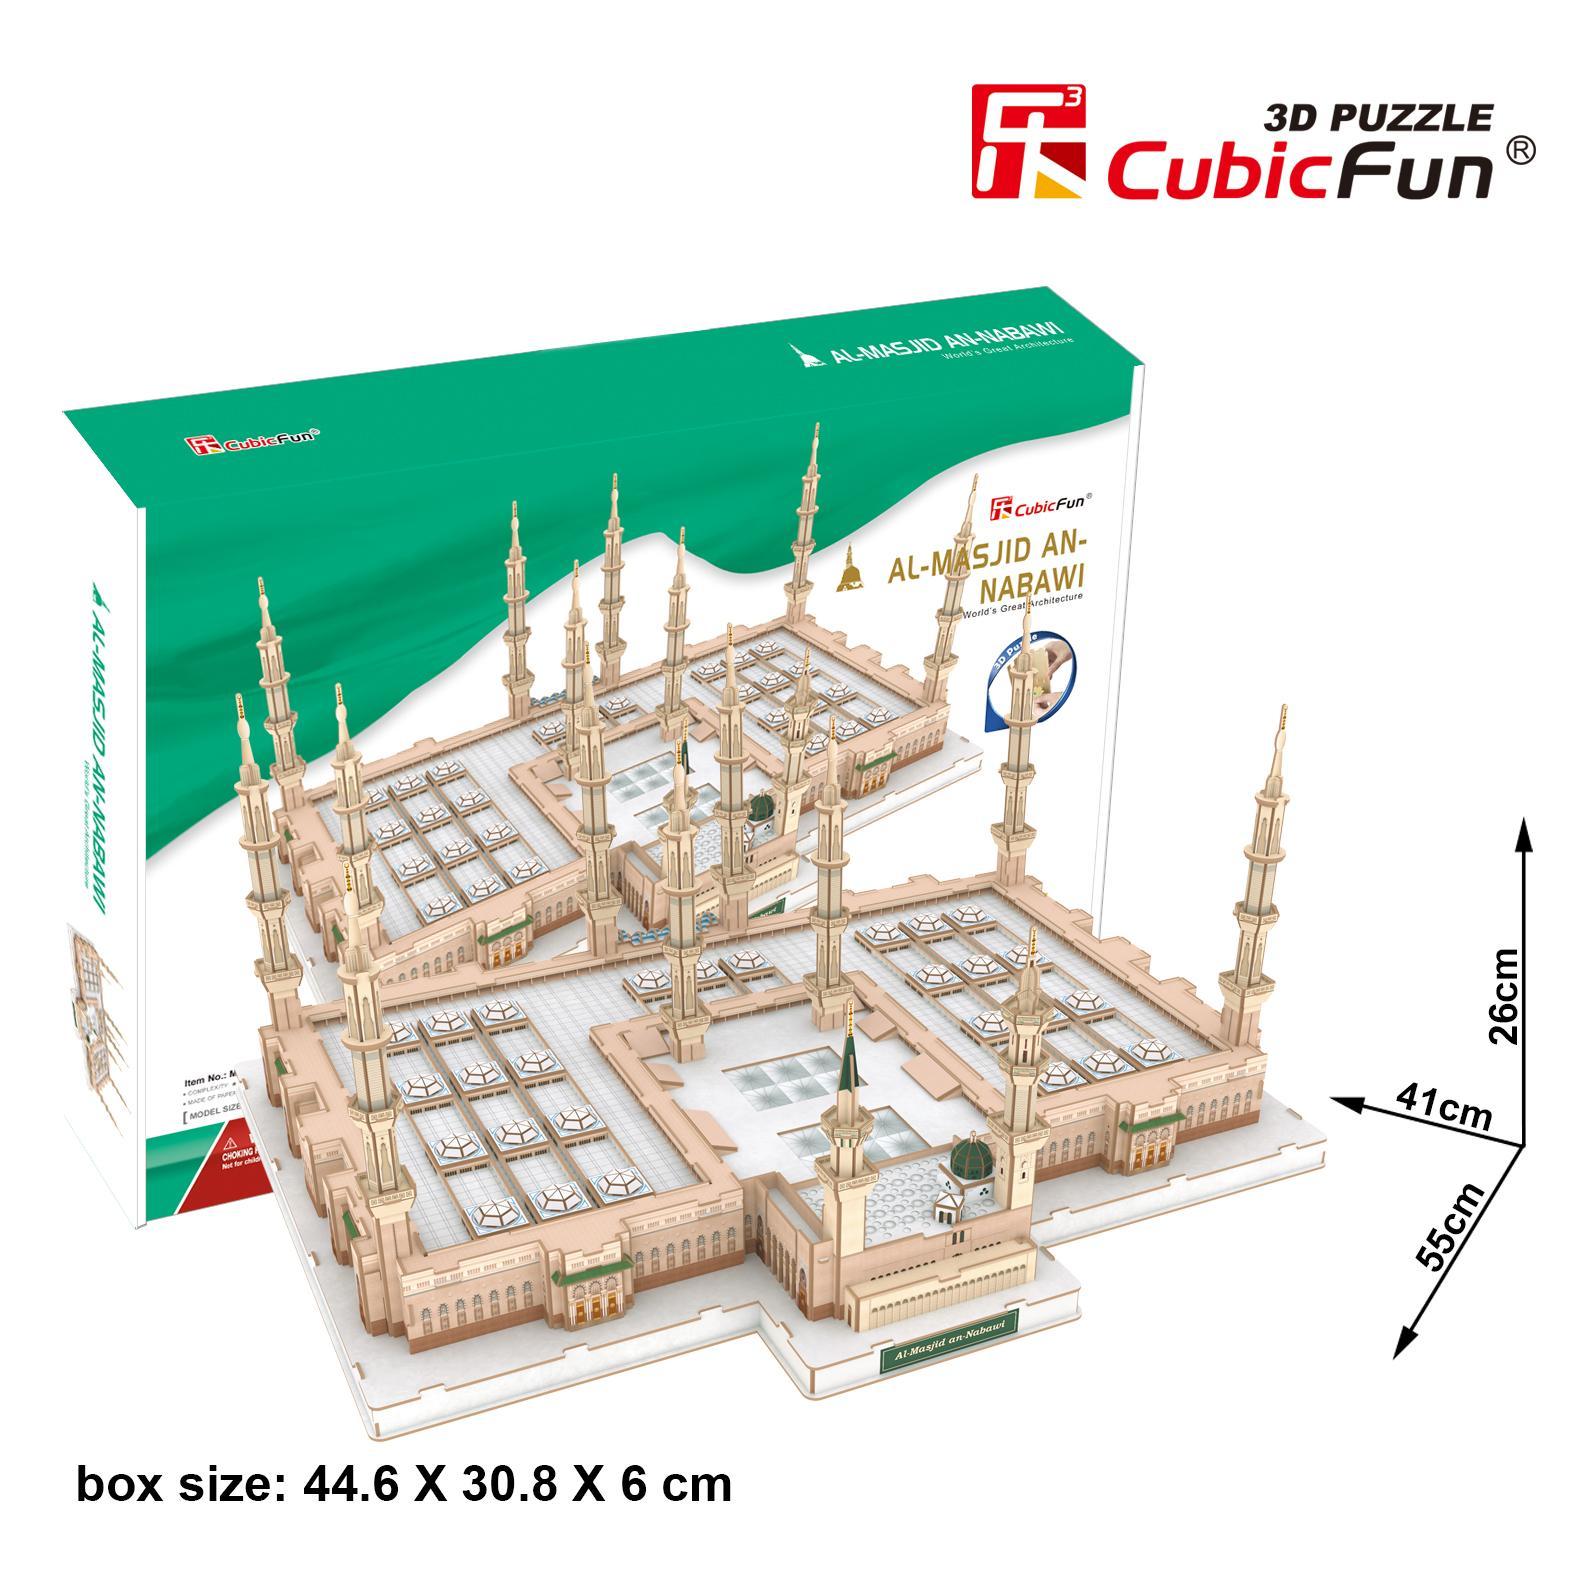 Hình ảnh Mô hình giấy Cubic Fun Thánh đường Al-Masjid An-Nabawi